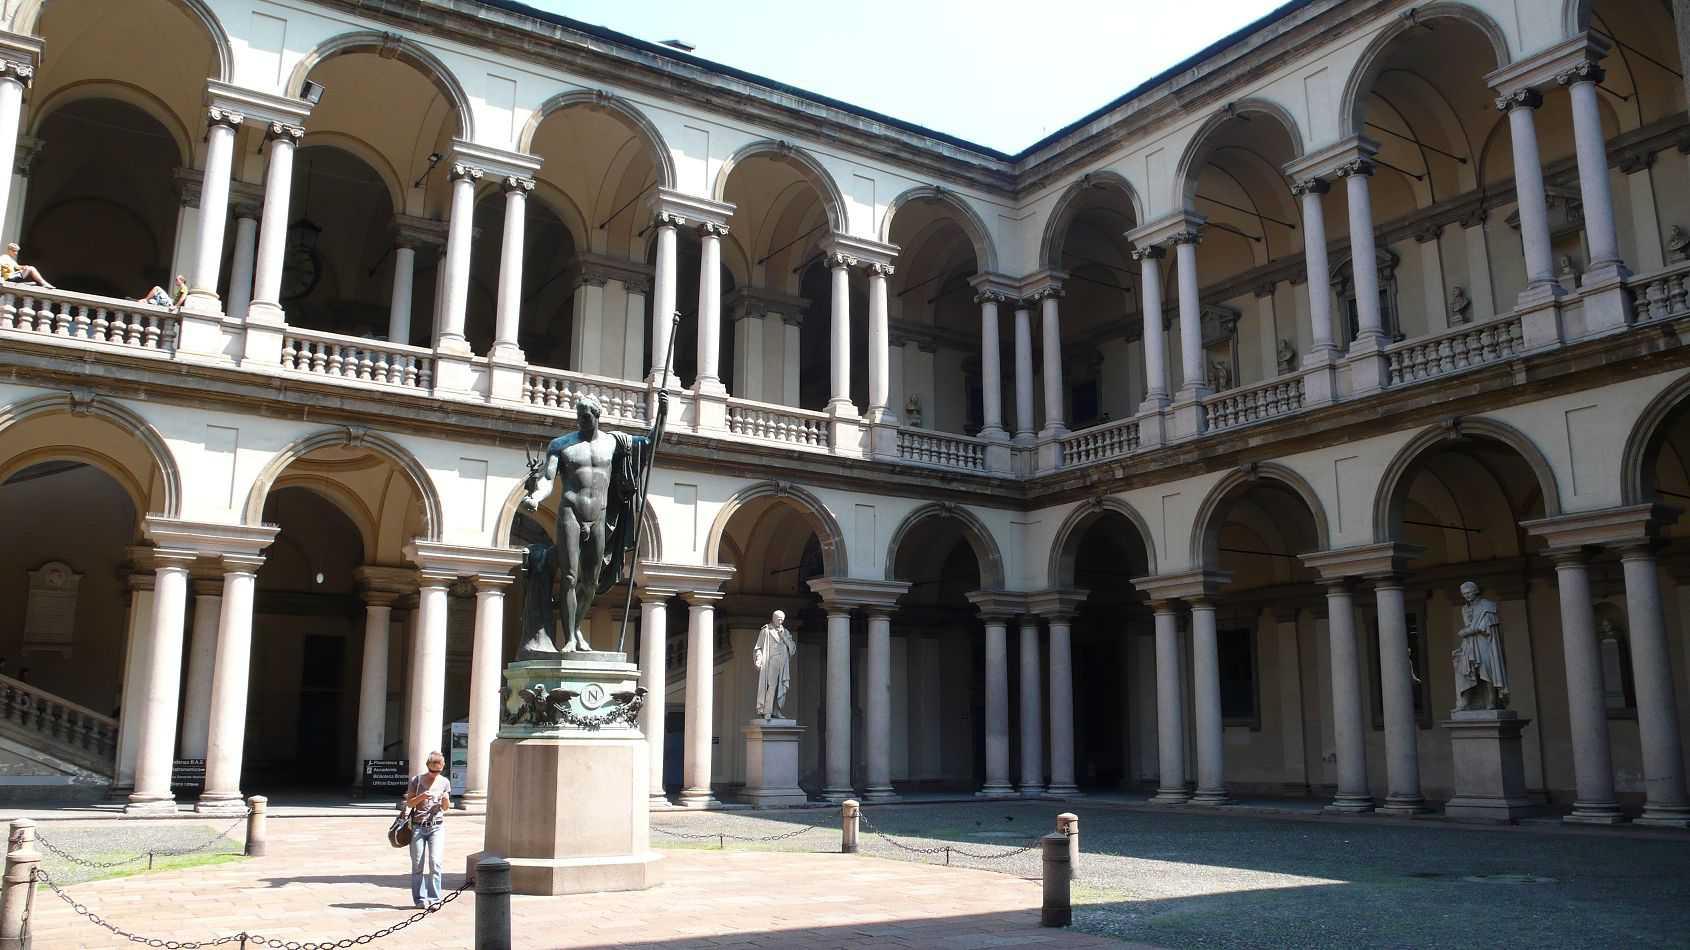 Accademia aperta ingresso libero tra brera gallerie d for Accademia di milano